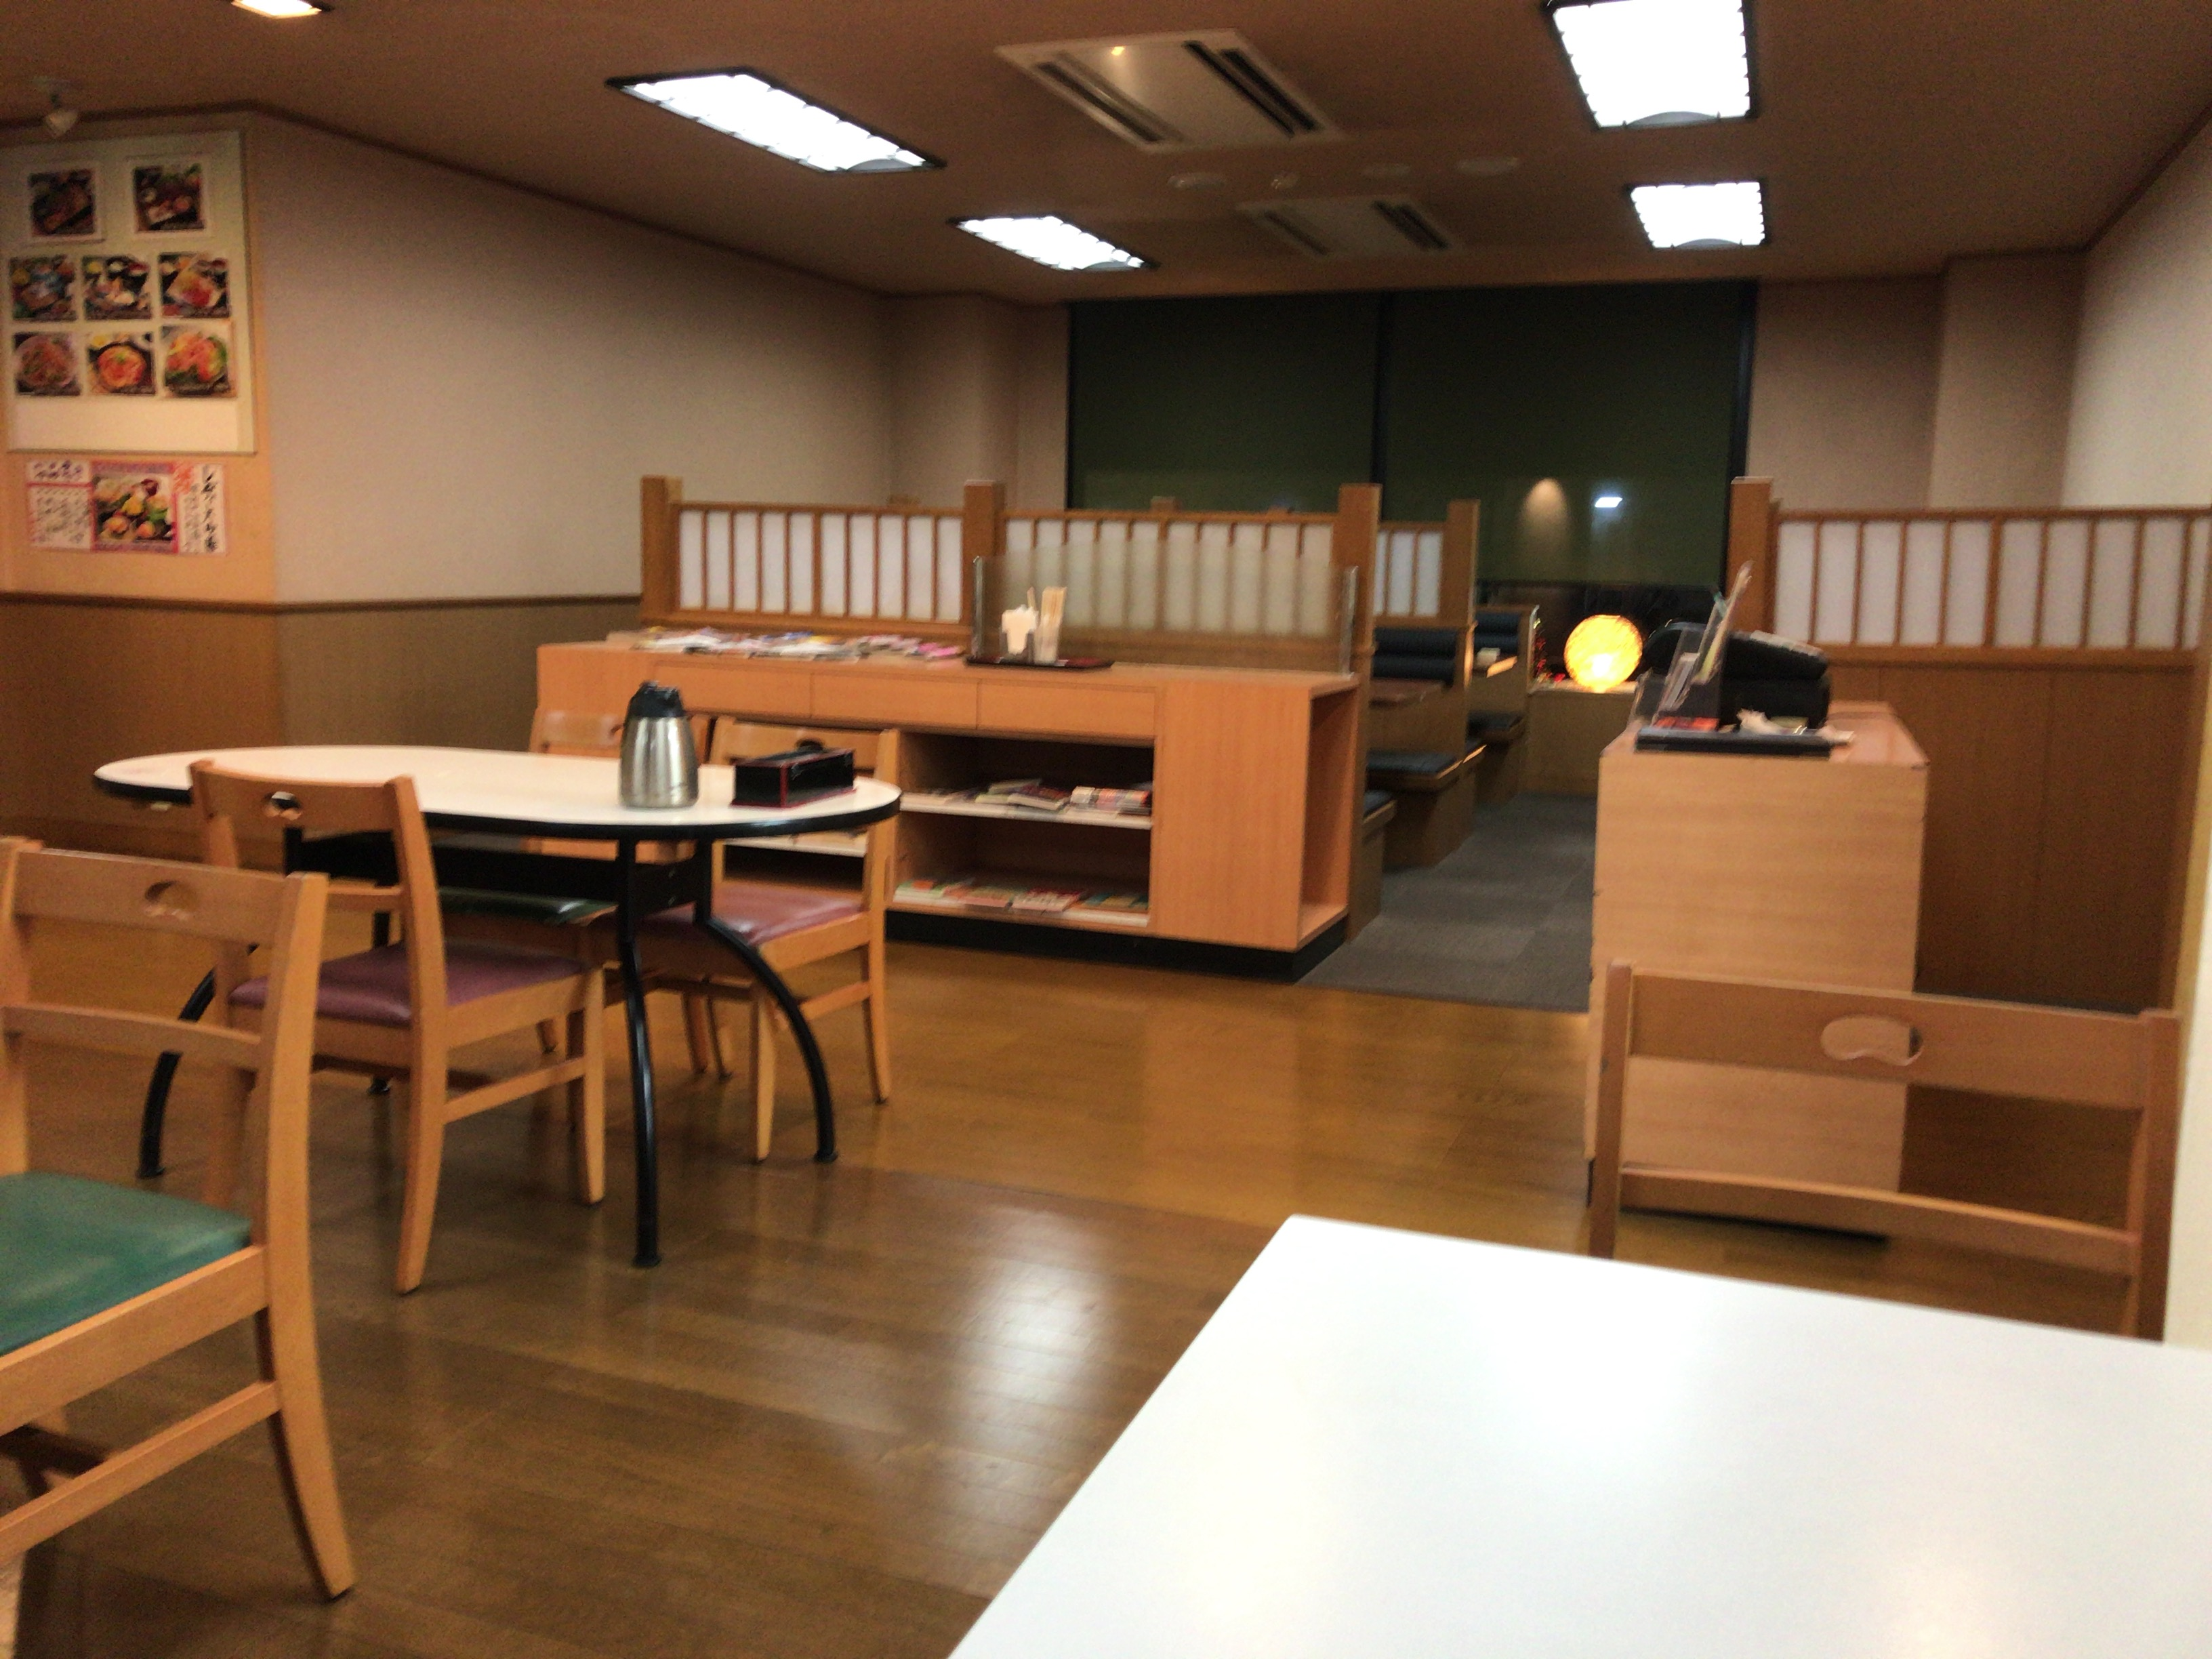 熊本城温泉城の湯のレストランの内観